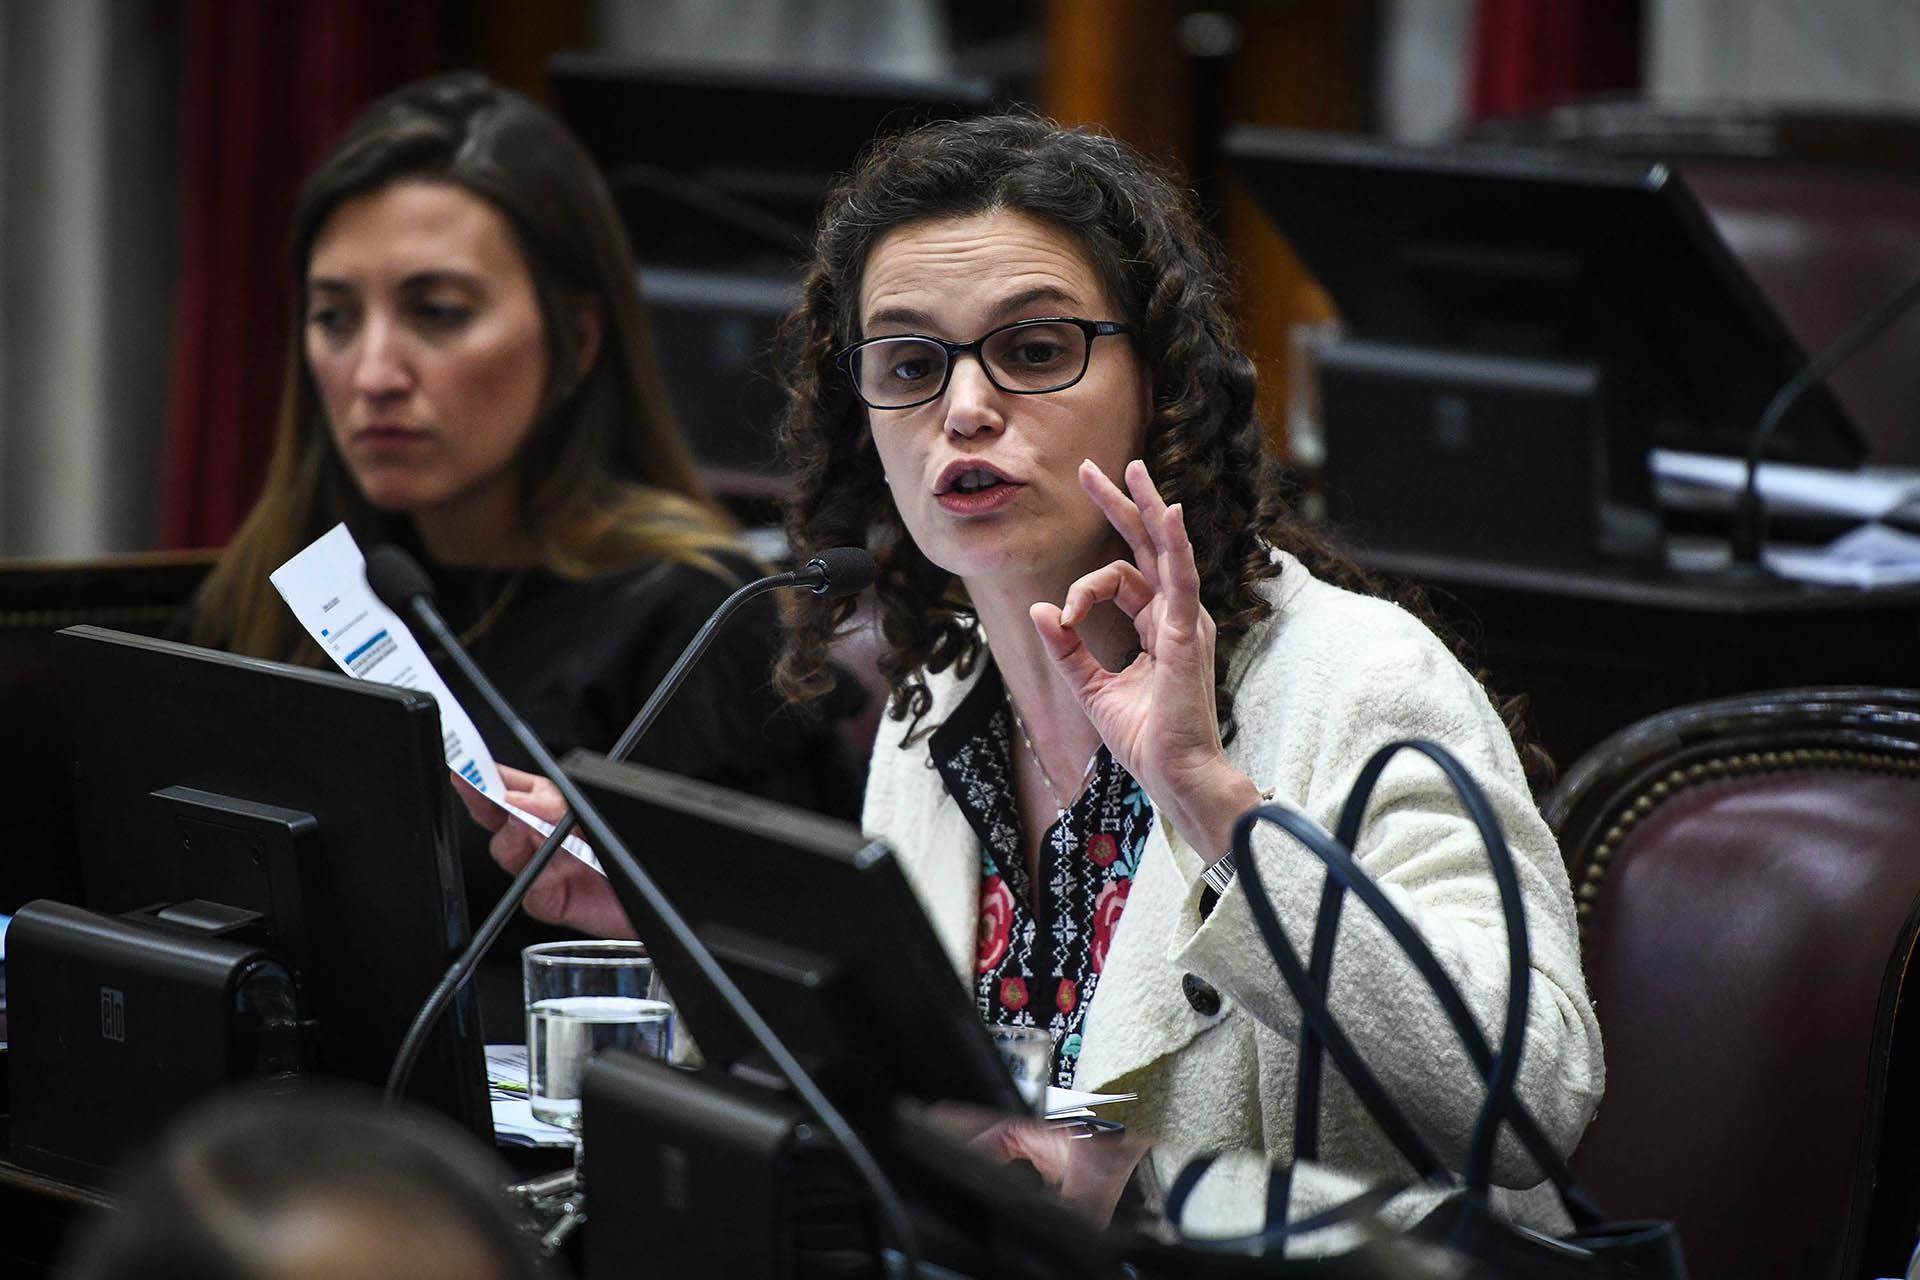 María Cristina del Valle Fiore Viñuales